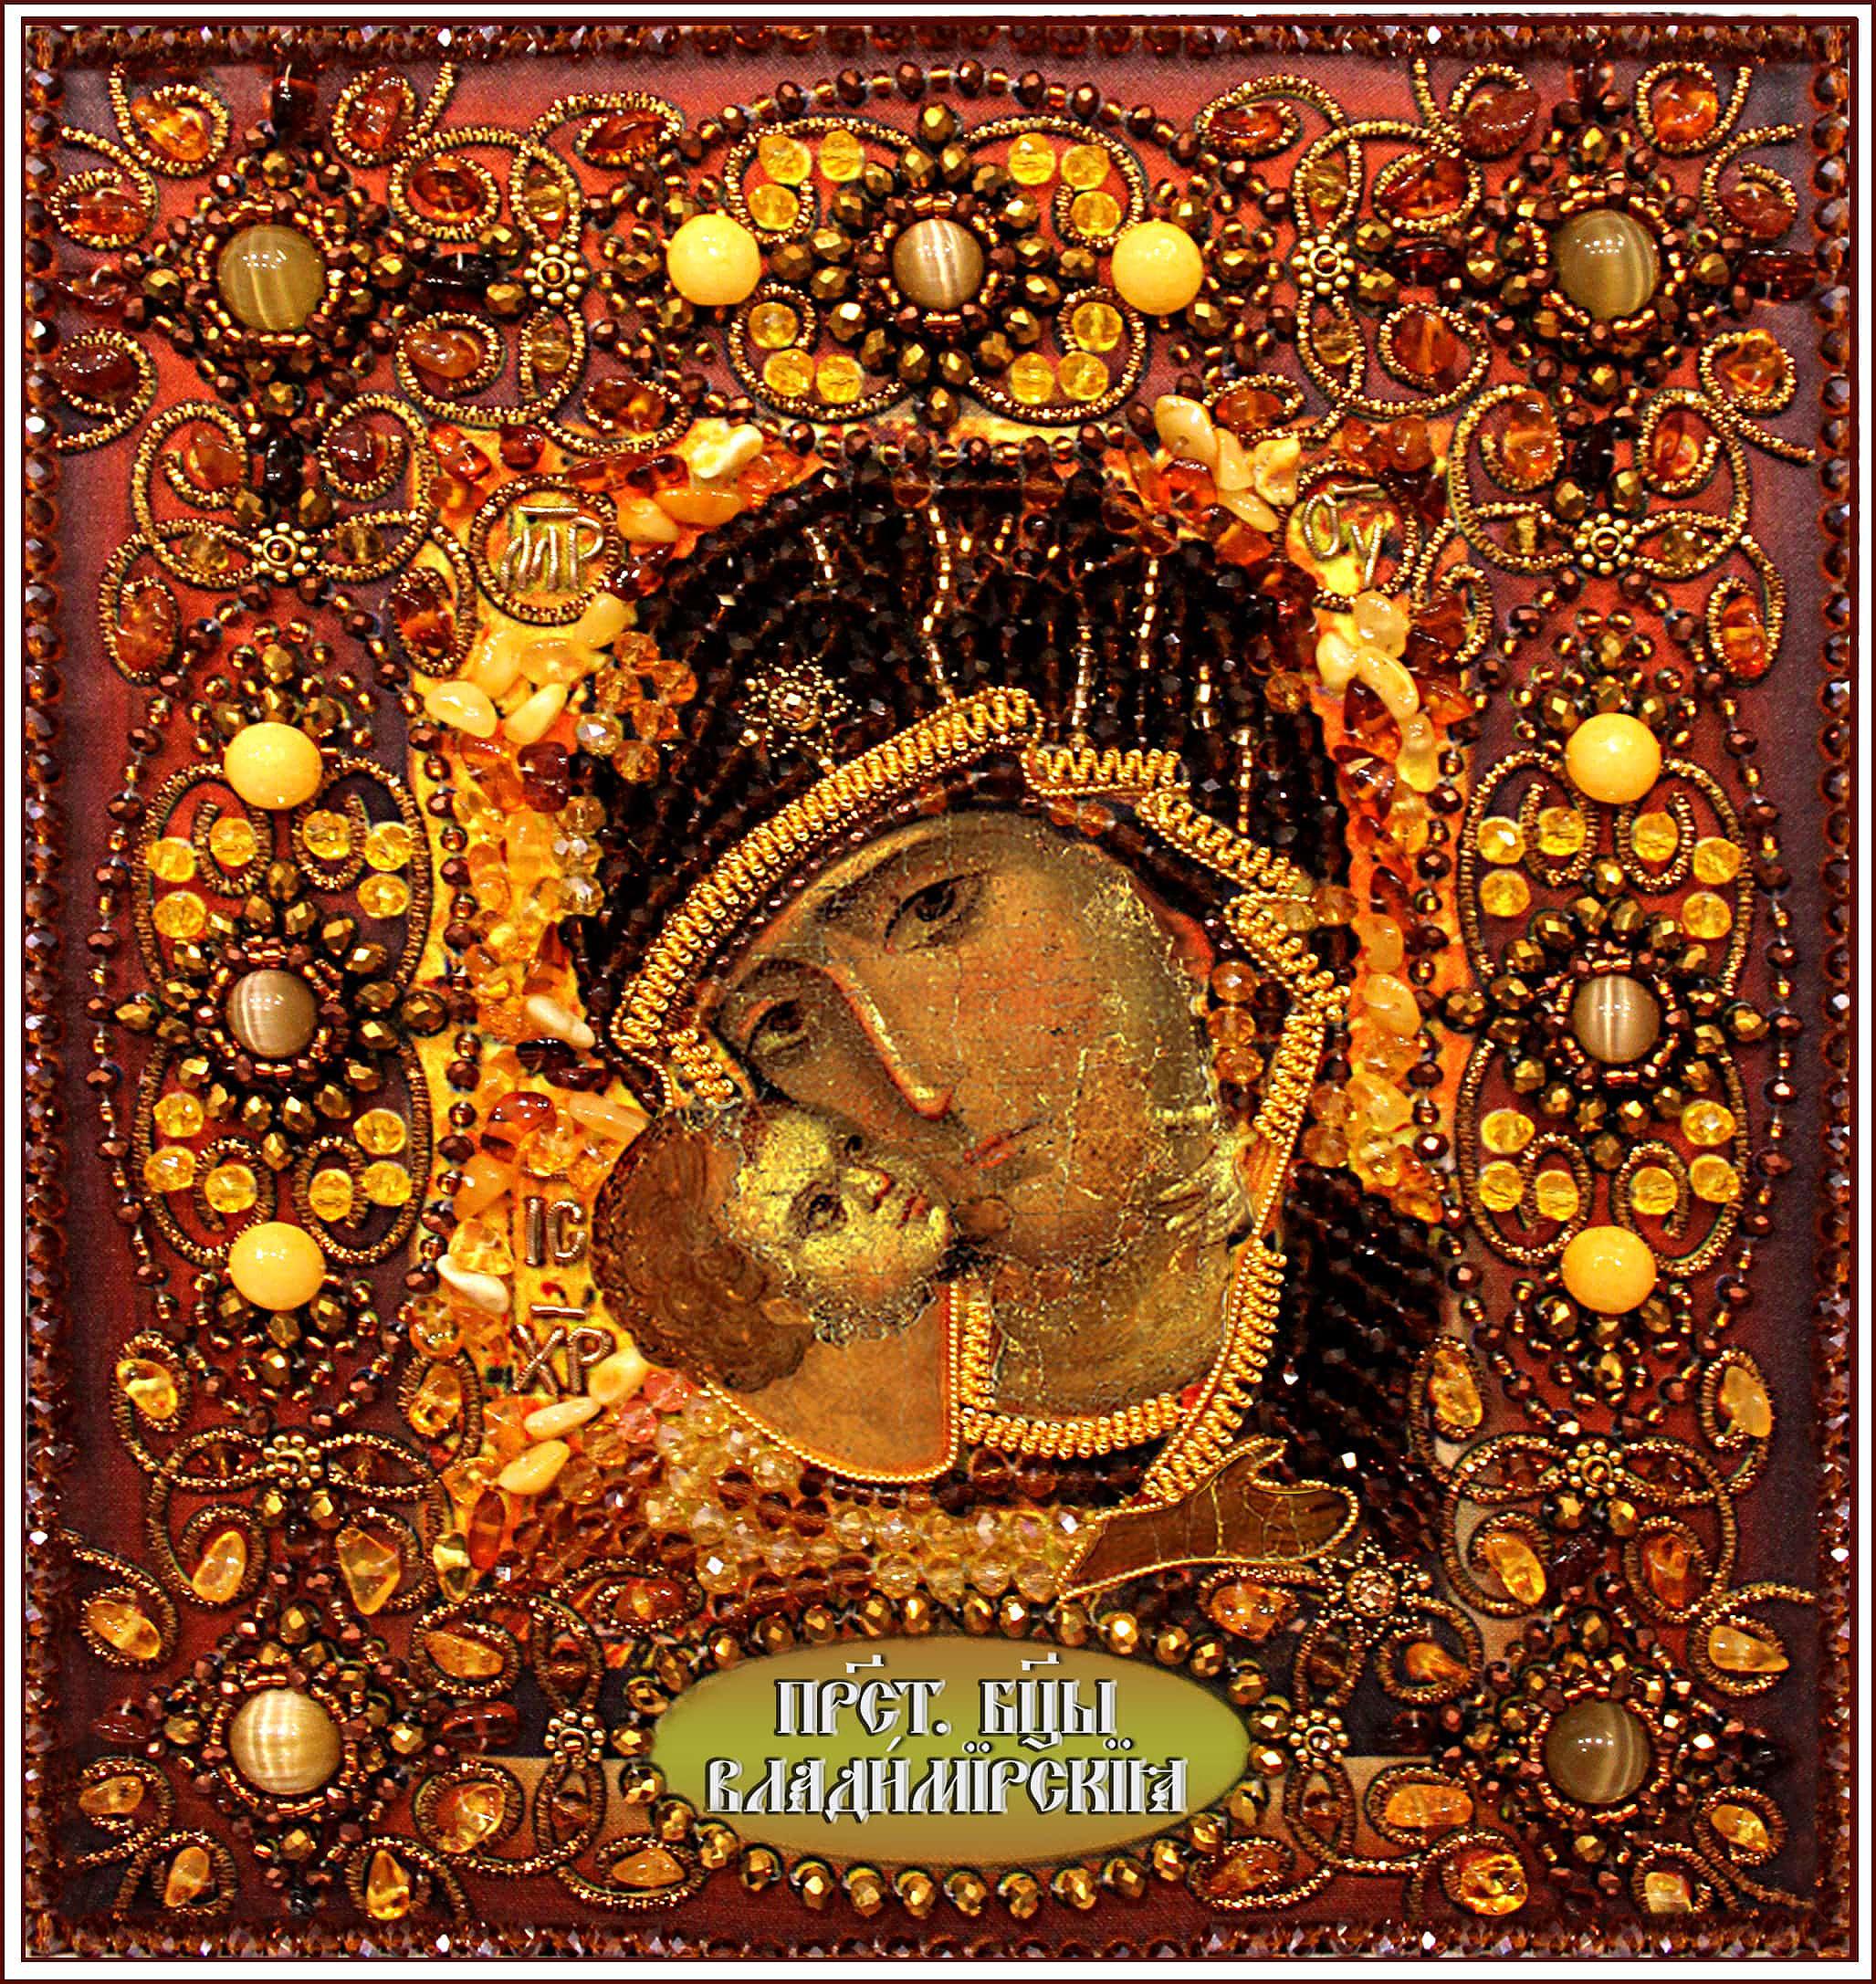 Образа в каменьях икона Богородица Владимирская арт. 77-ц-05